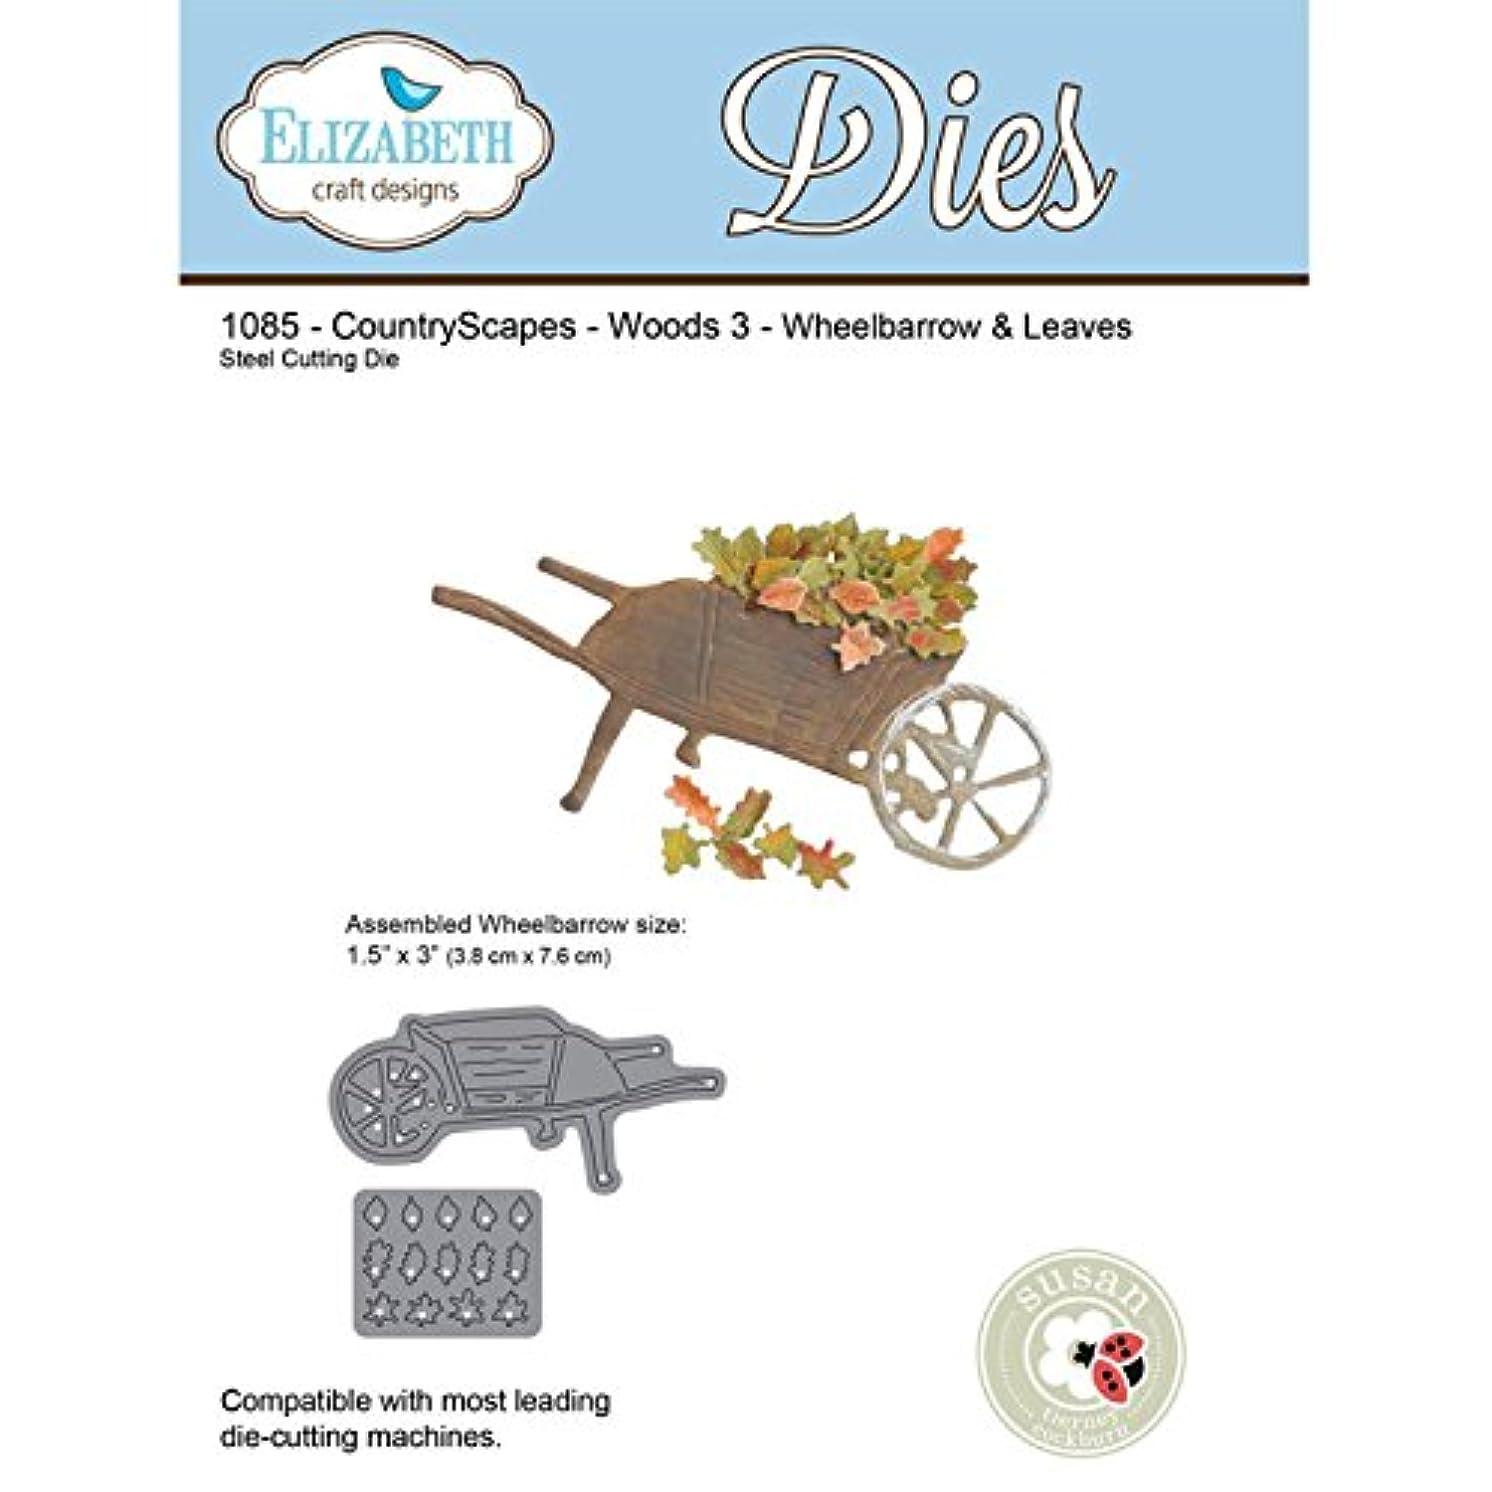 Elizabeth Craft Designs CountryScapes Steel Die - Woods 3 -Wheelbarrow & Leaves 1085